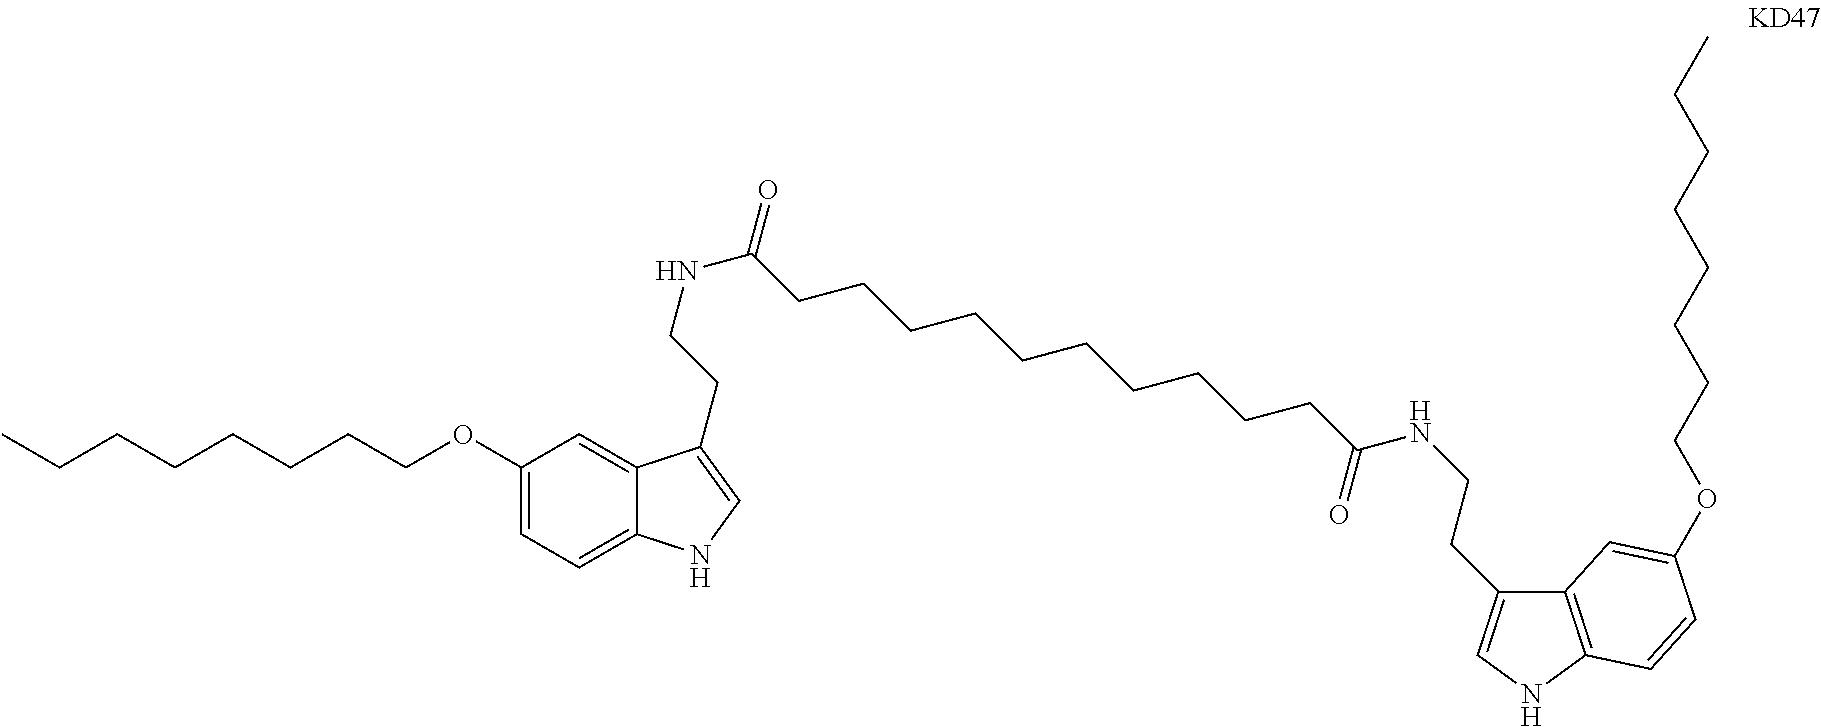 Figure US09073851-20150707-C00123